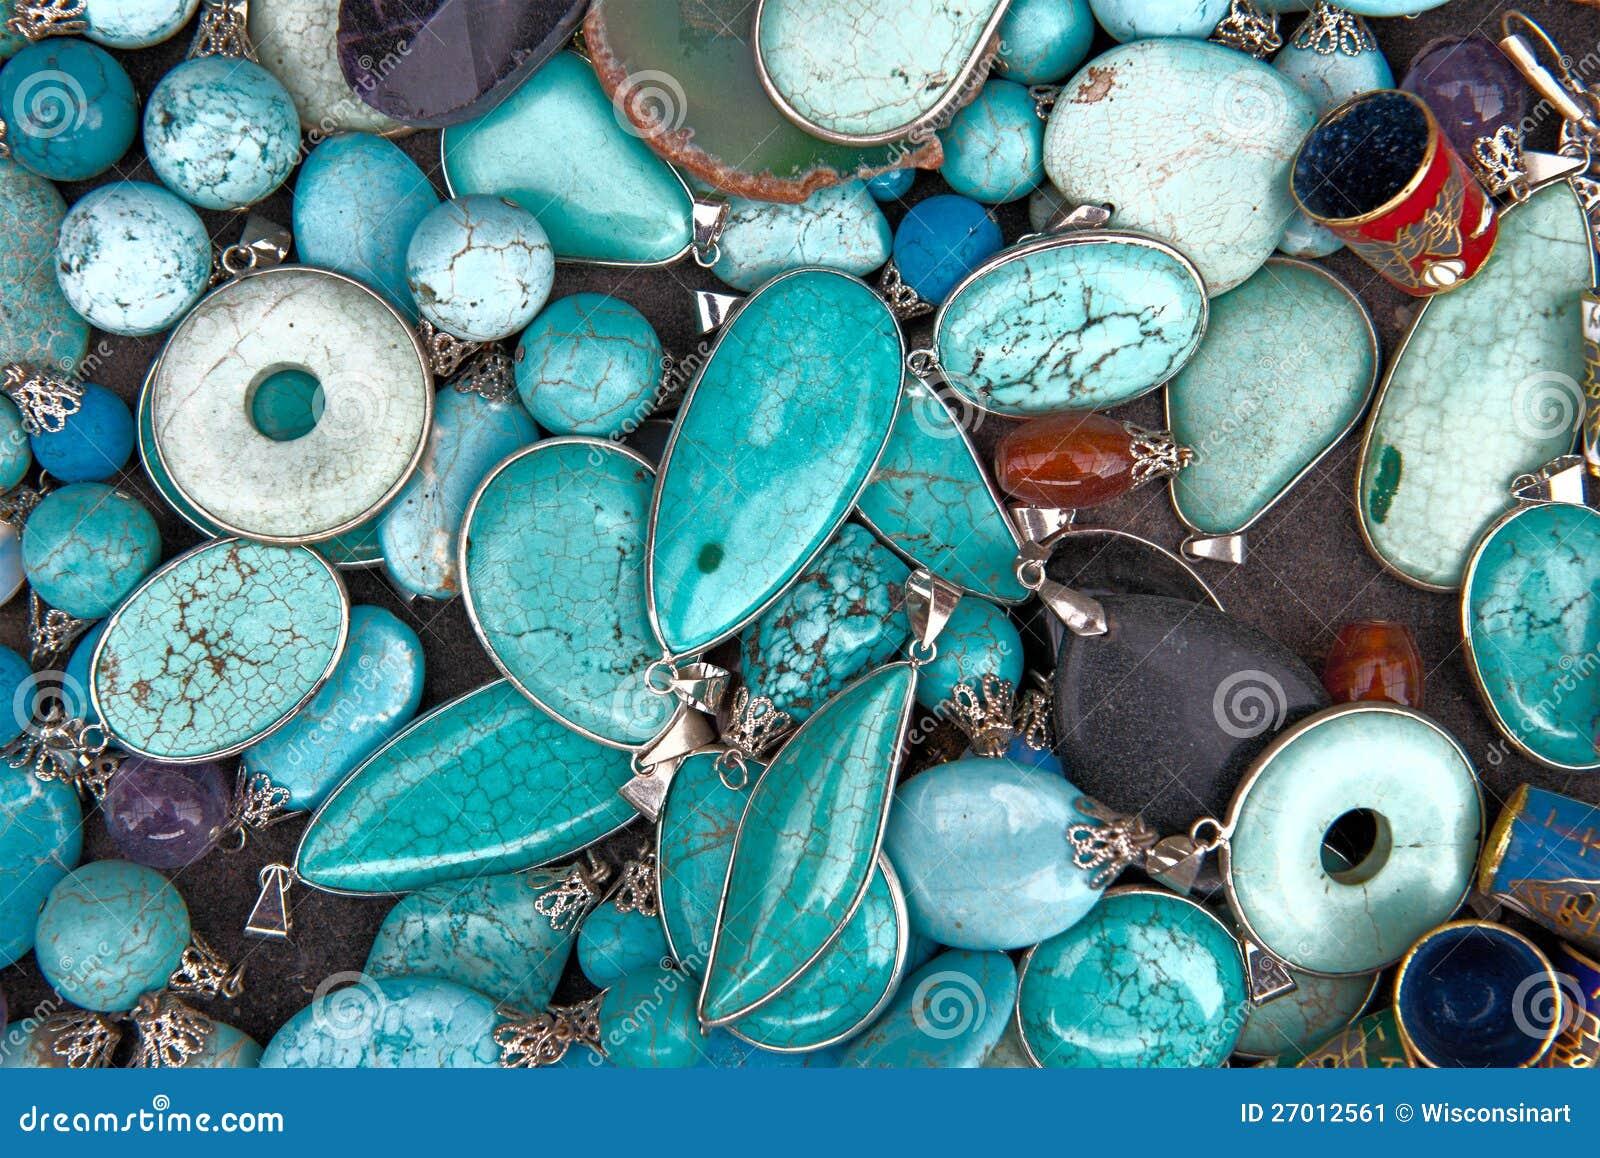 Halva dyrbara Gemstonessmycken för färgrik turkos